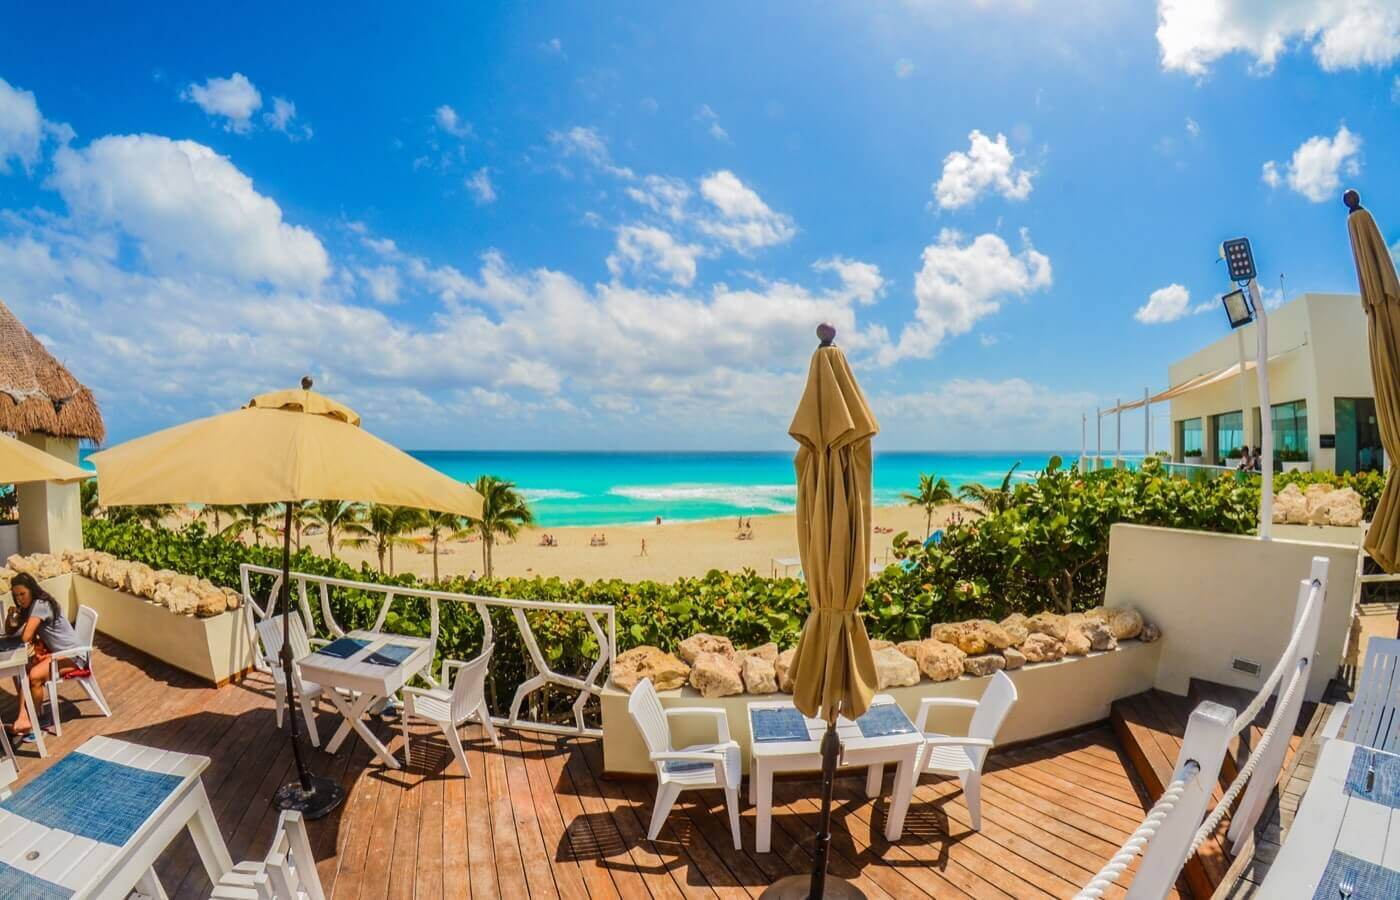 Terraza de restaurante con vista al mar en hotel The Pyramid at Grand Oasis